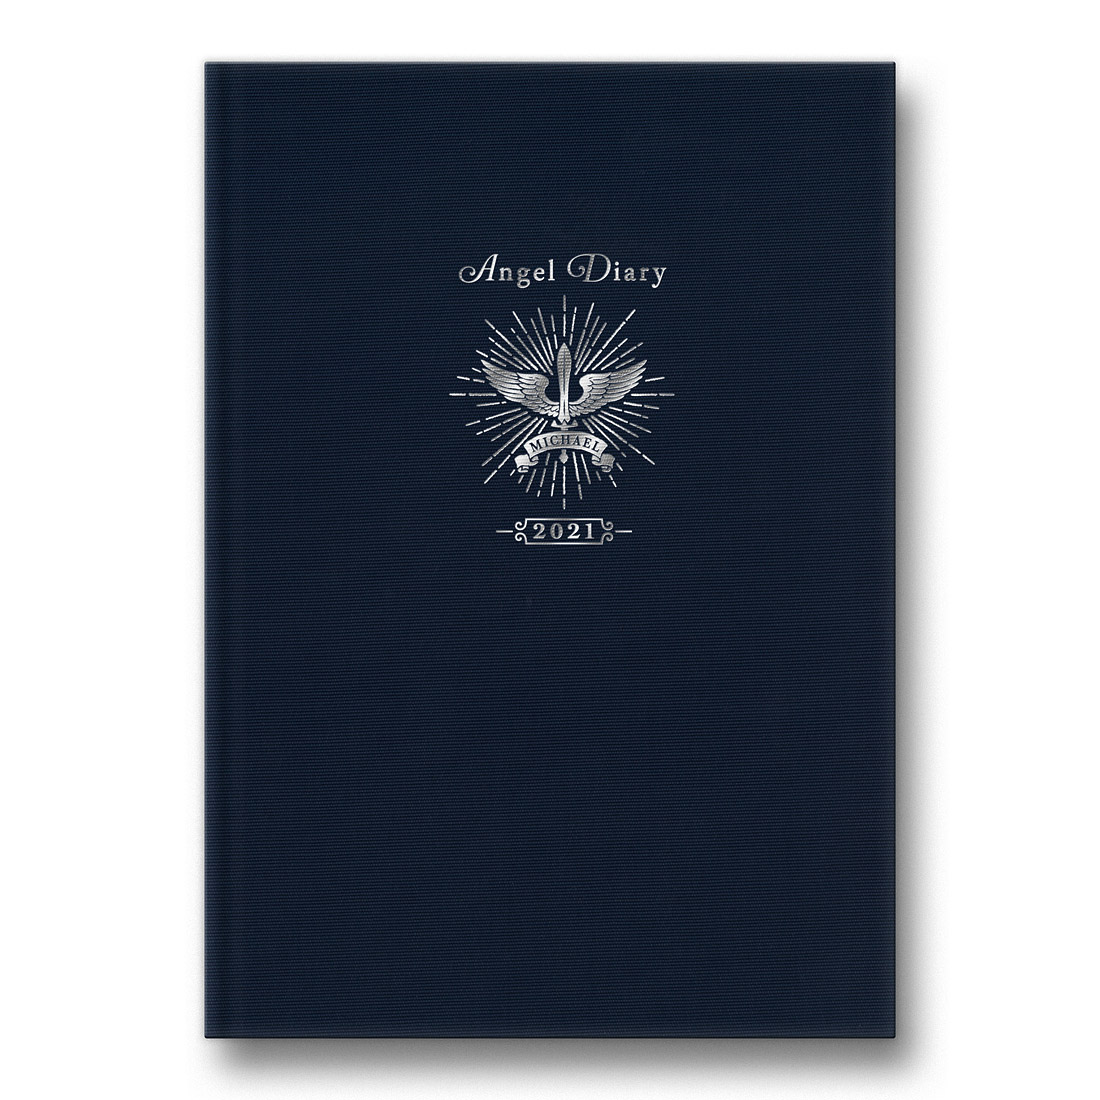 エンジェルダイアリー 2021(3色から選択)